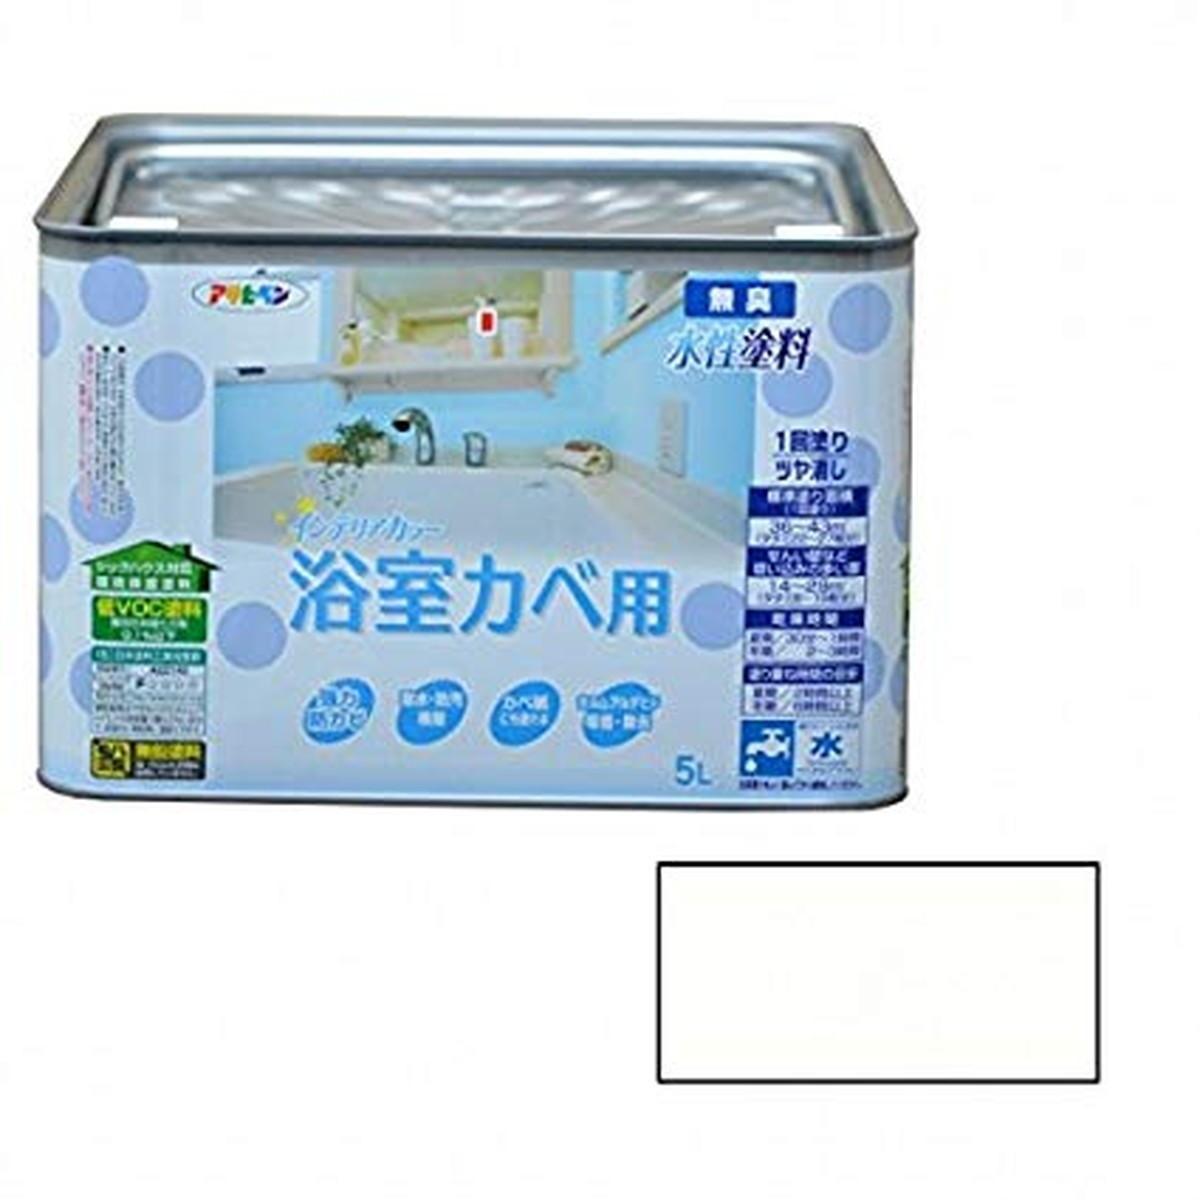 アサヒペン NEW水性インテリアカラー浴室カベ 5L パールホワイト【クーポン配布中】